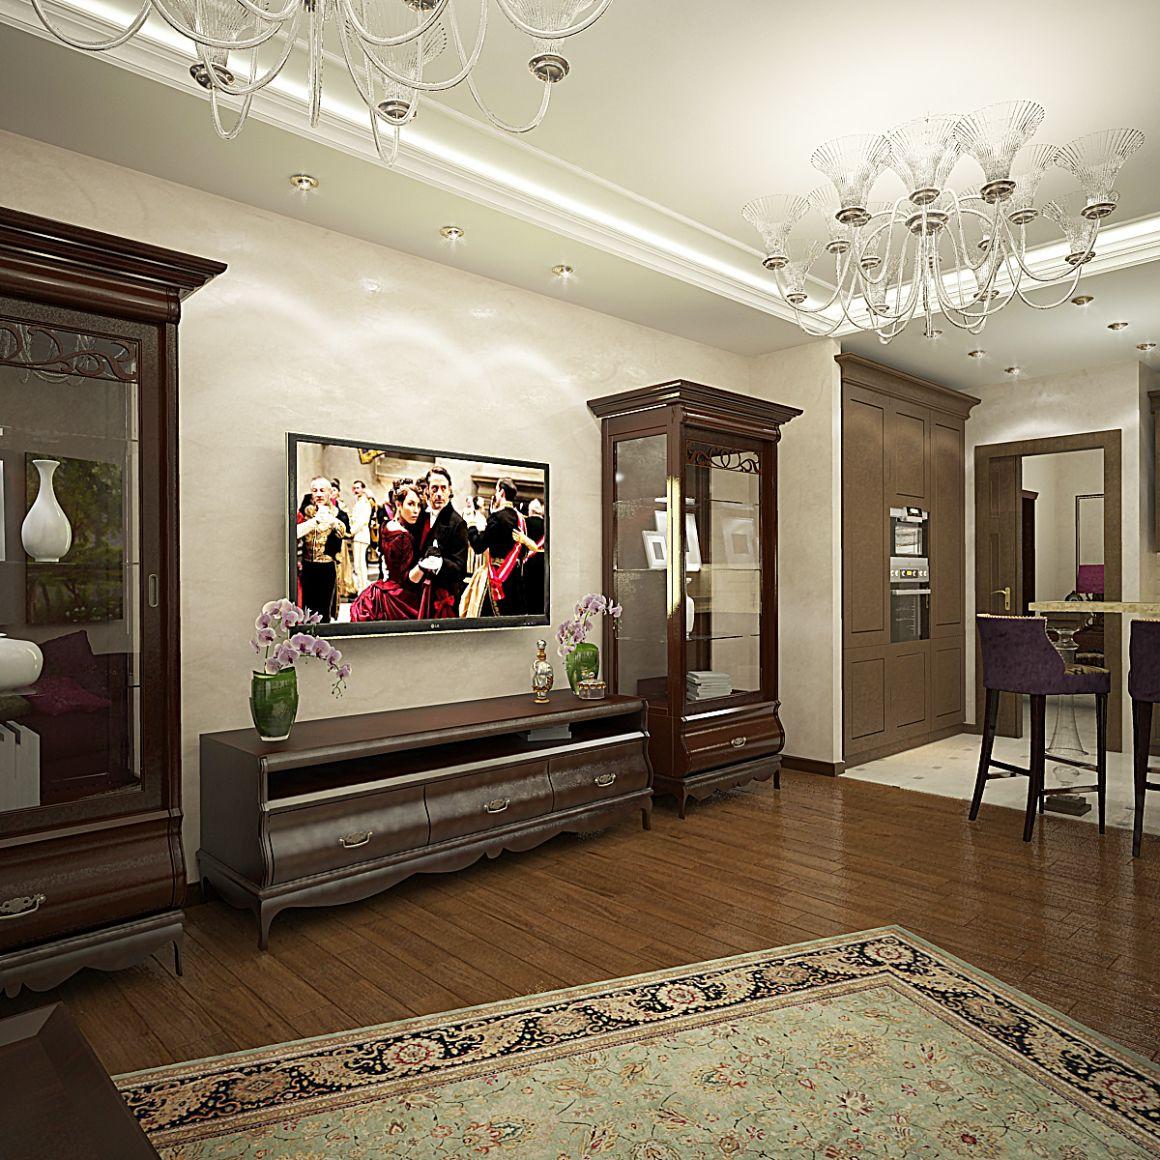 Дизайн проект трехкомнатной квартиры в классическом стиле ЖК Царицыно